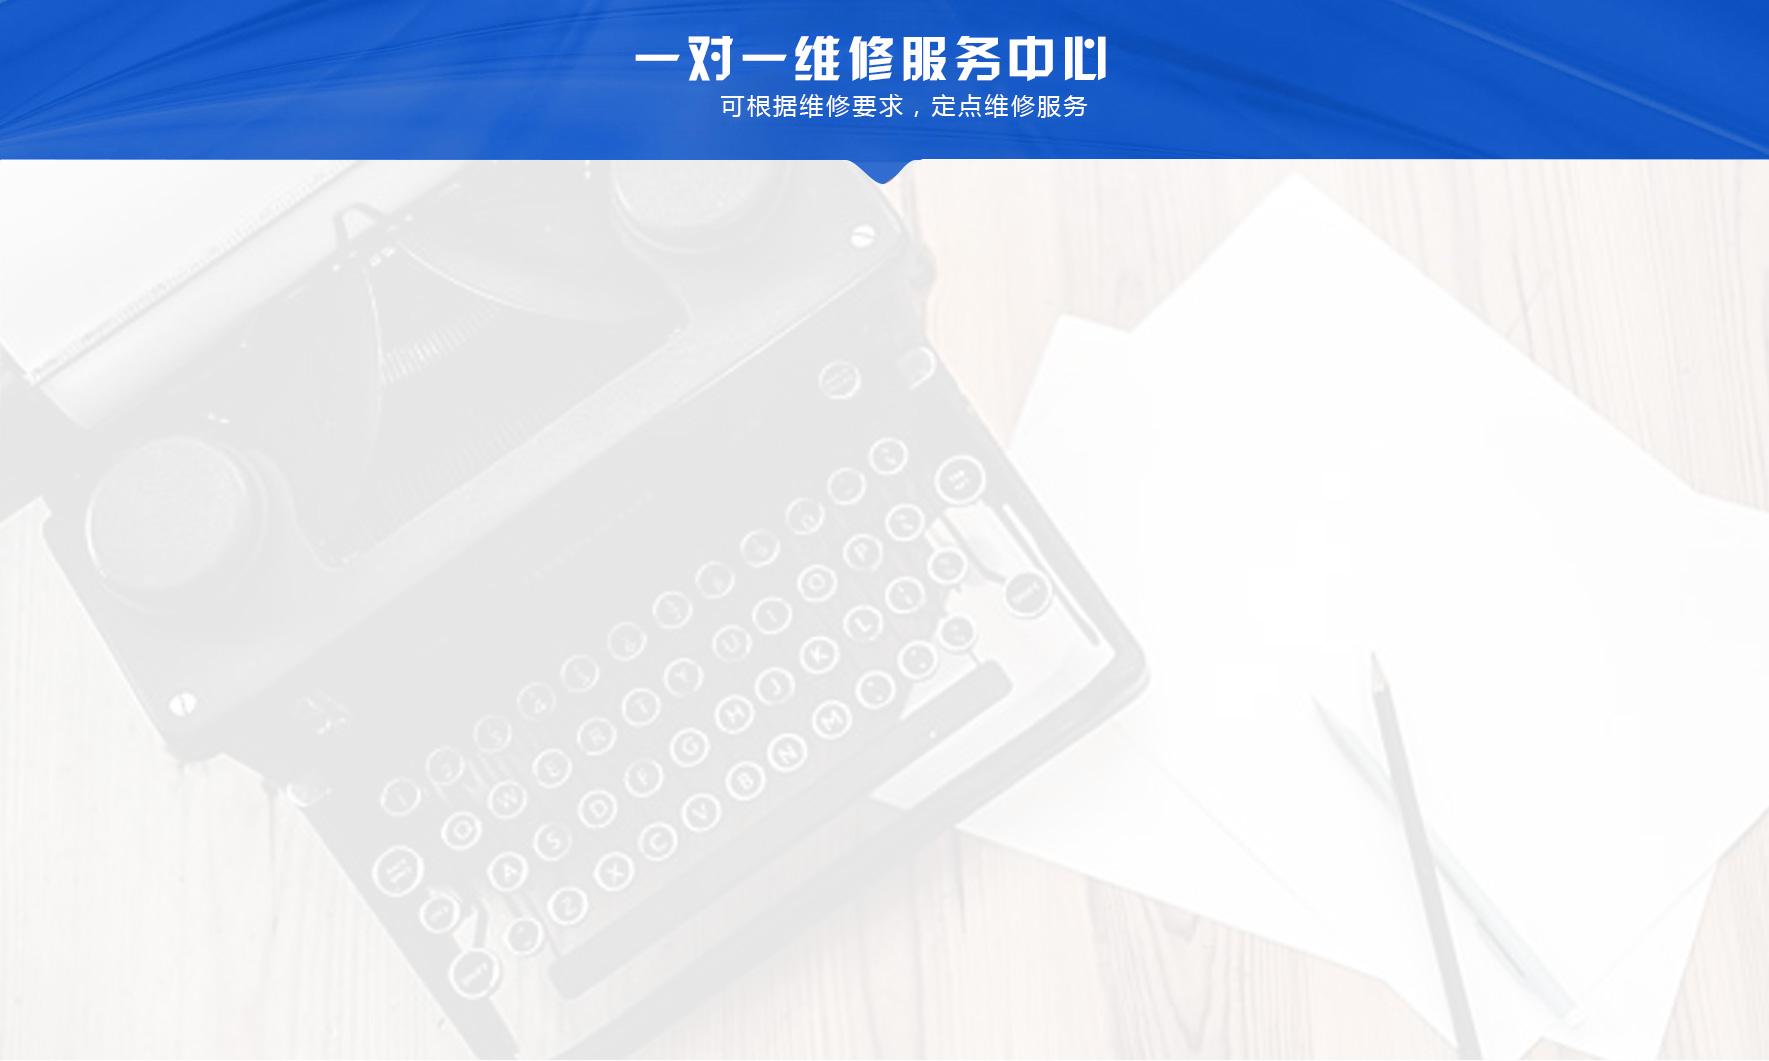 沈阳鑫晟源科技专业维修投影仪,打印机,音频等办公设备。